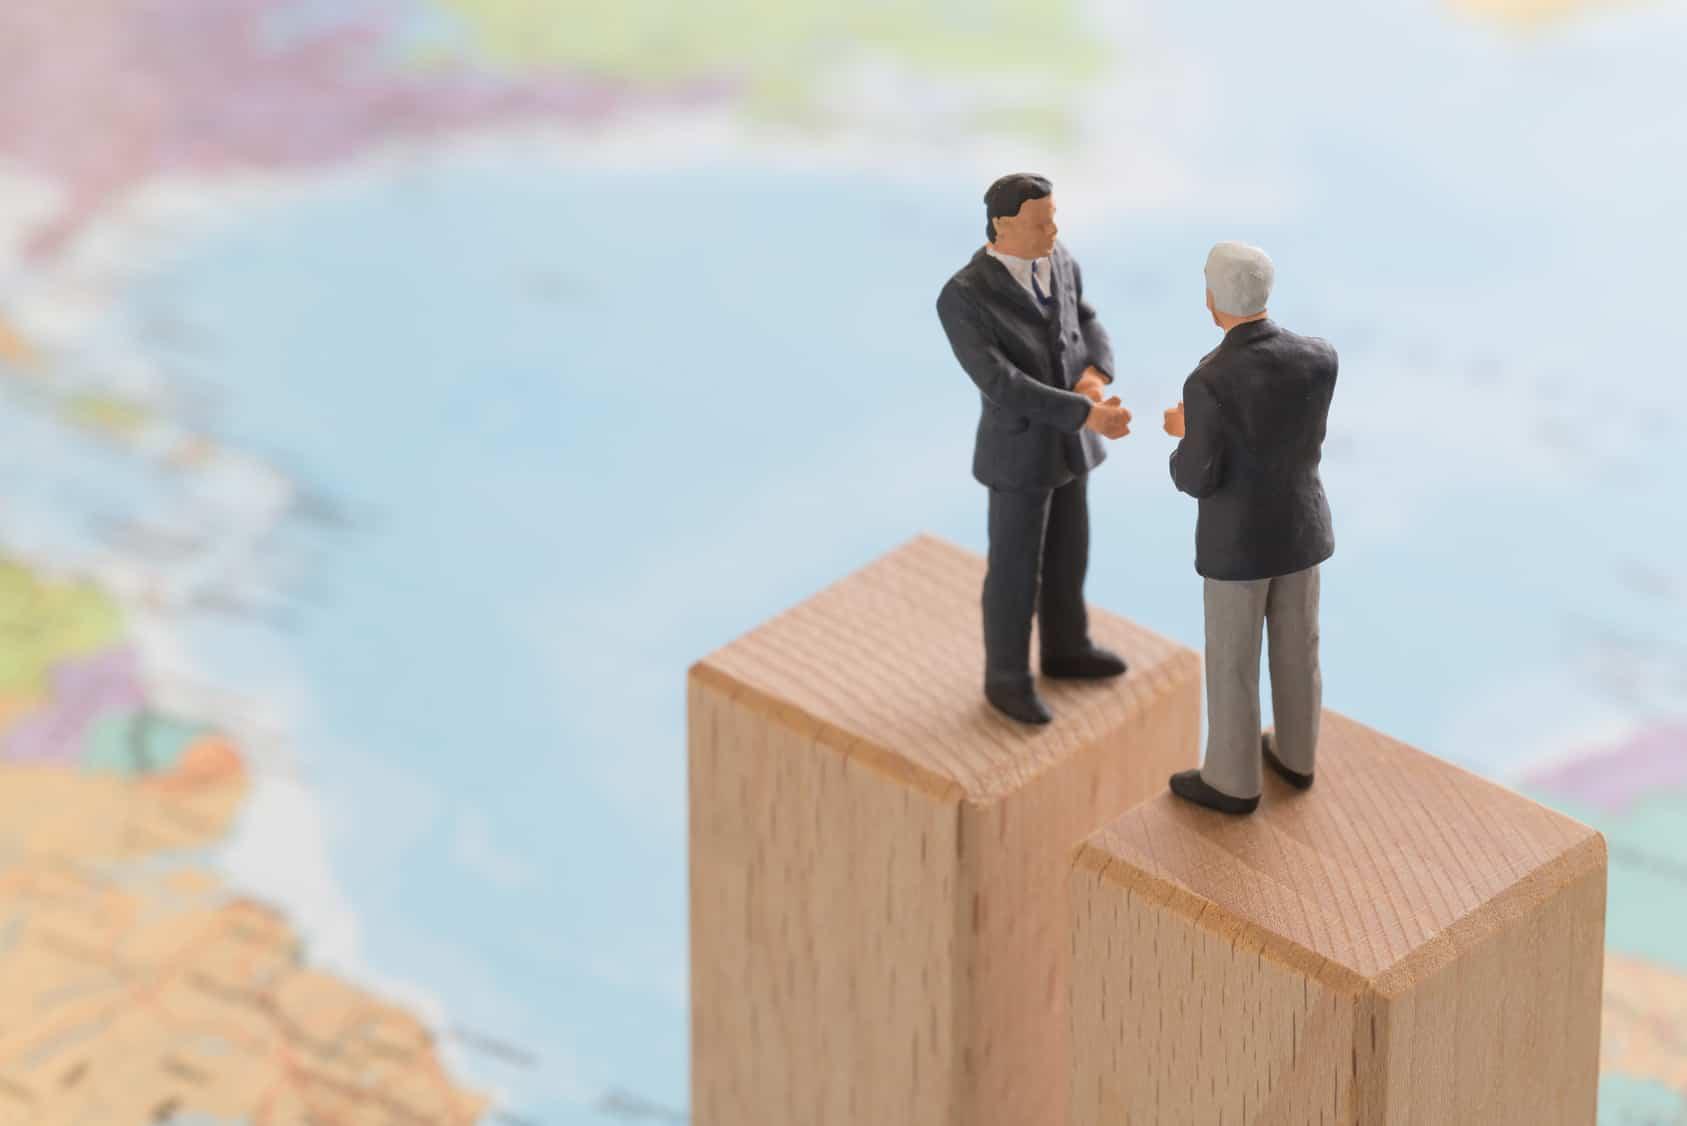 Falta por ver si se logra aterrizar un debate adicional, al que han convocado varios grupos empresariales —como la Coparmex — y organizaciones ciudadanas. Pero habrá que tener en cuenta que, a partir del 14 de junio, entrará la fiebre mundialista y el electorado estará disperso.